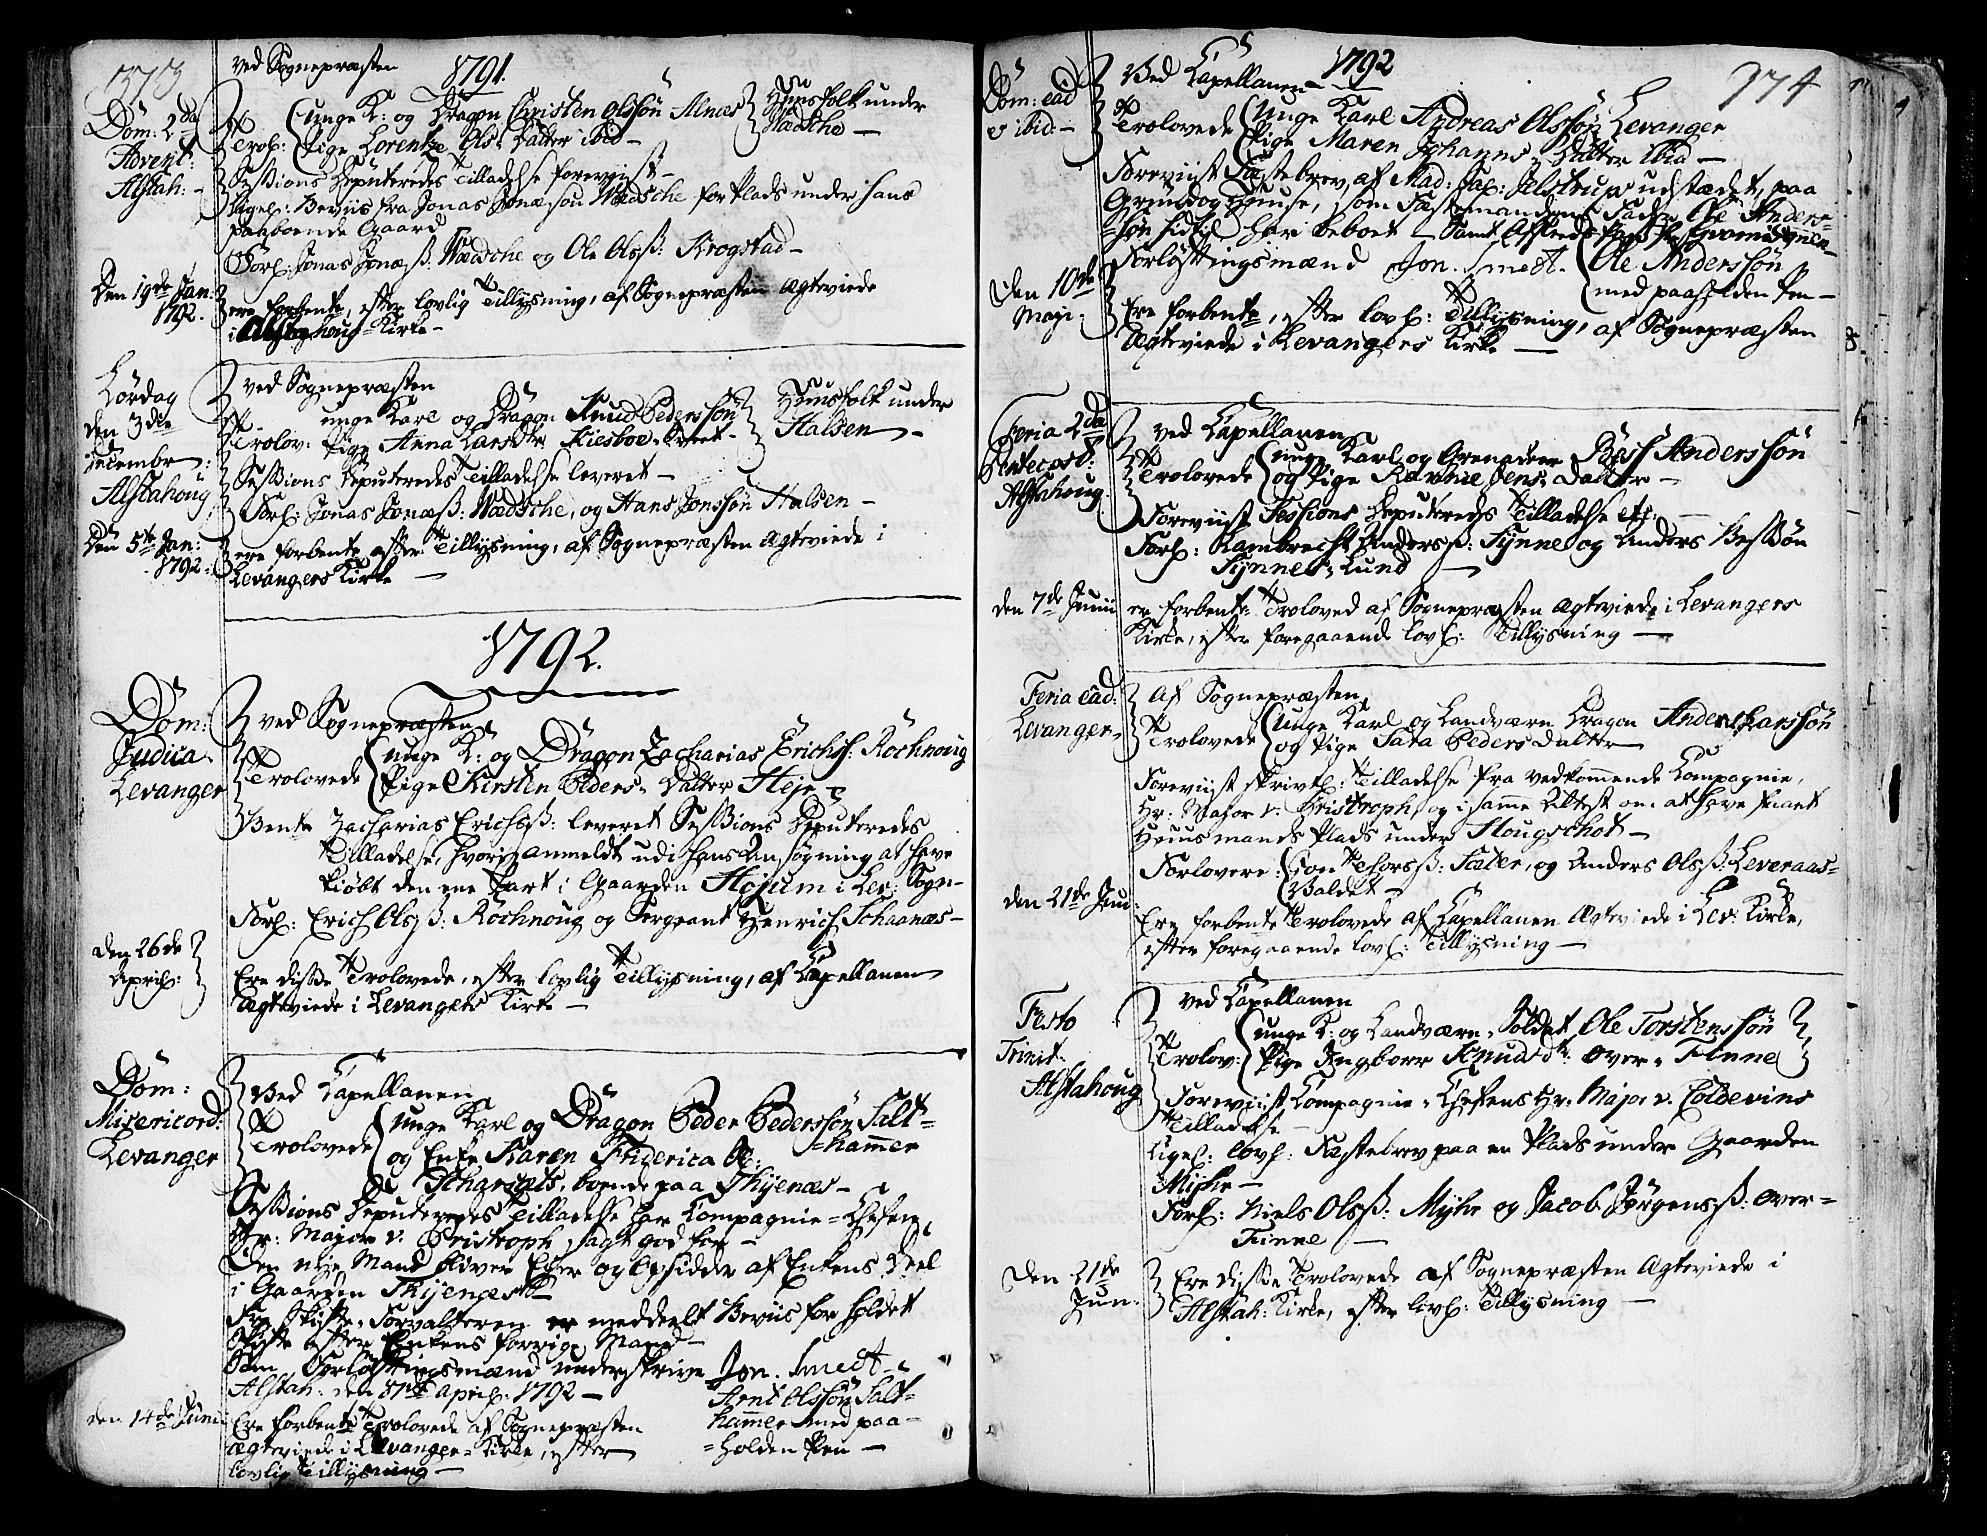 SAT, Ministerialprotokoller, klokkerbøker og fødselsregistre - Nord-Trøndelag, 717/L0141: Ministerialbok nr. 717A01, 1747-1803, s. 373-374